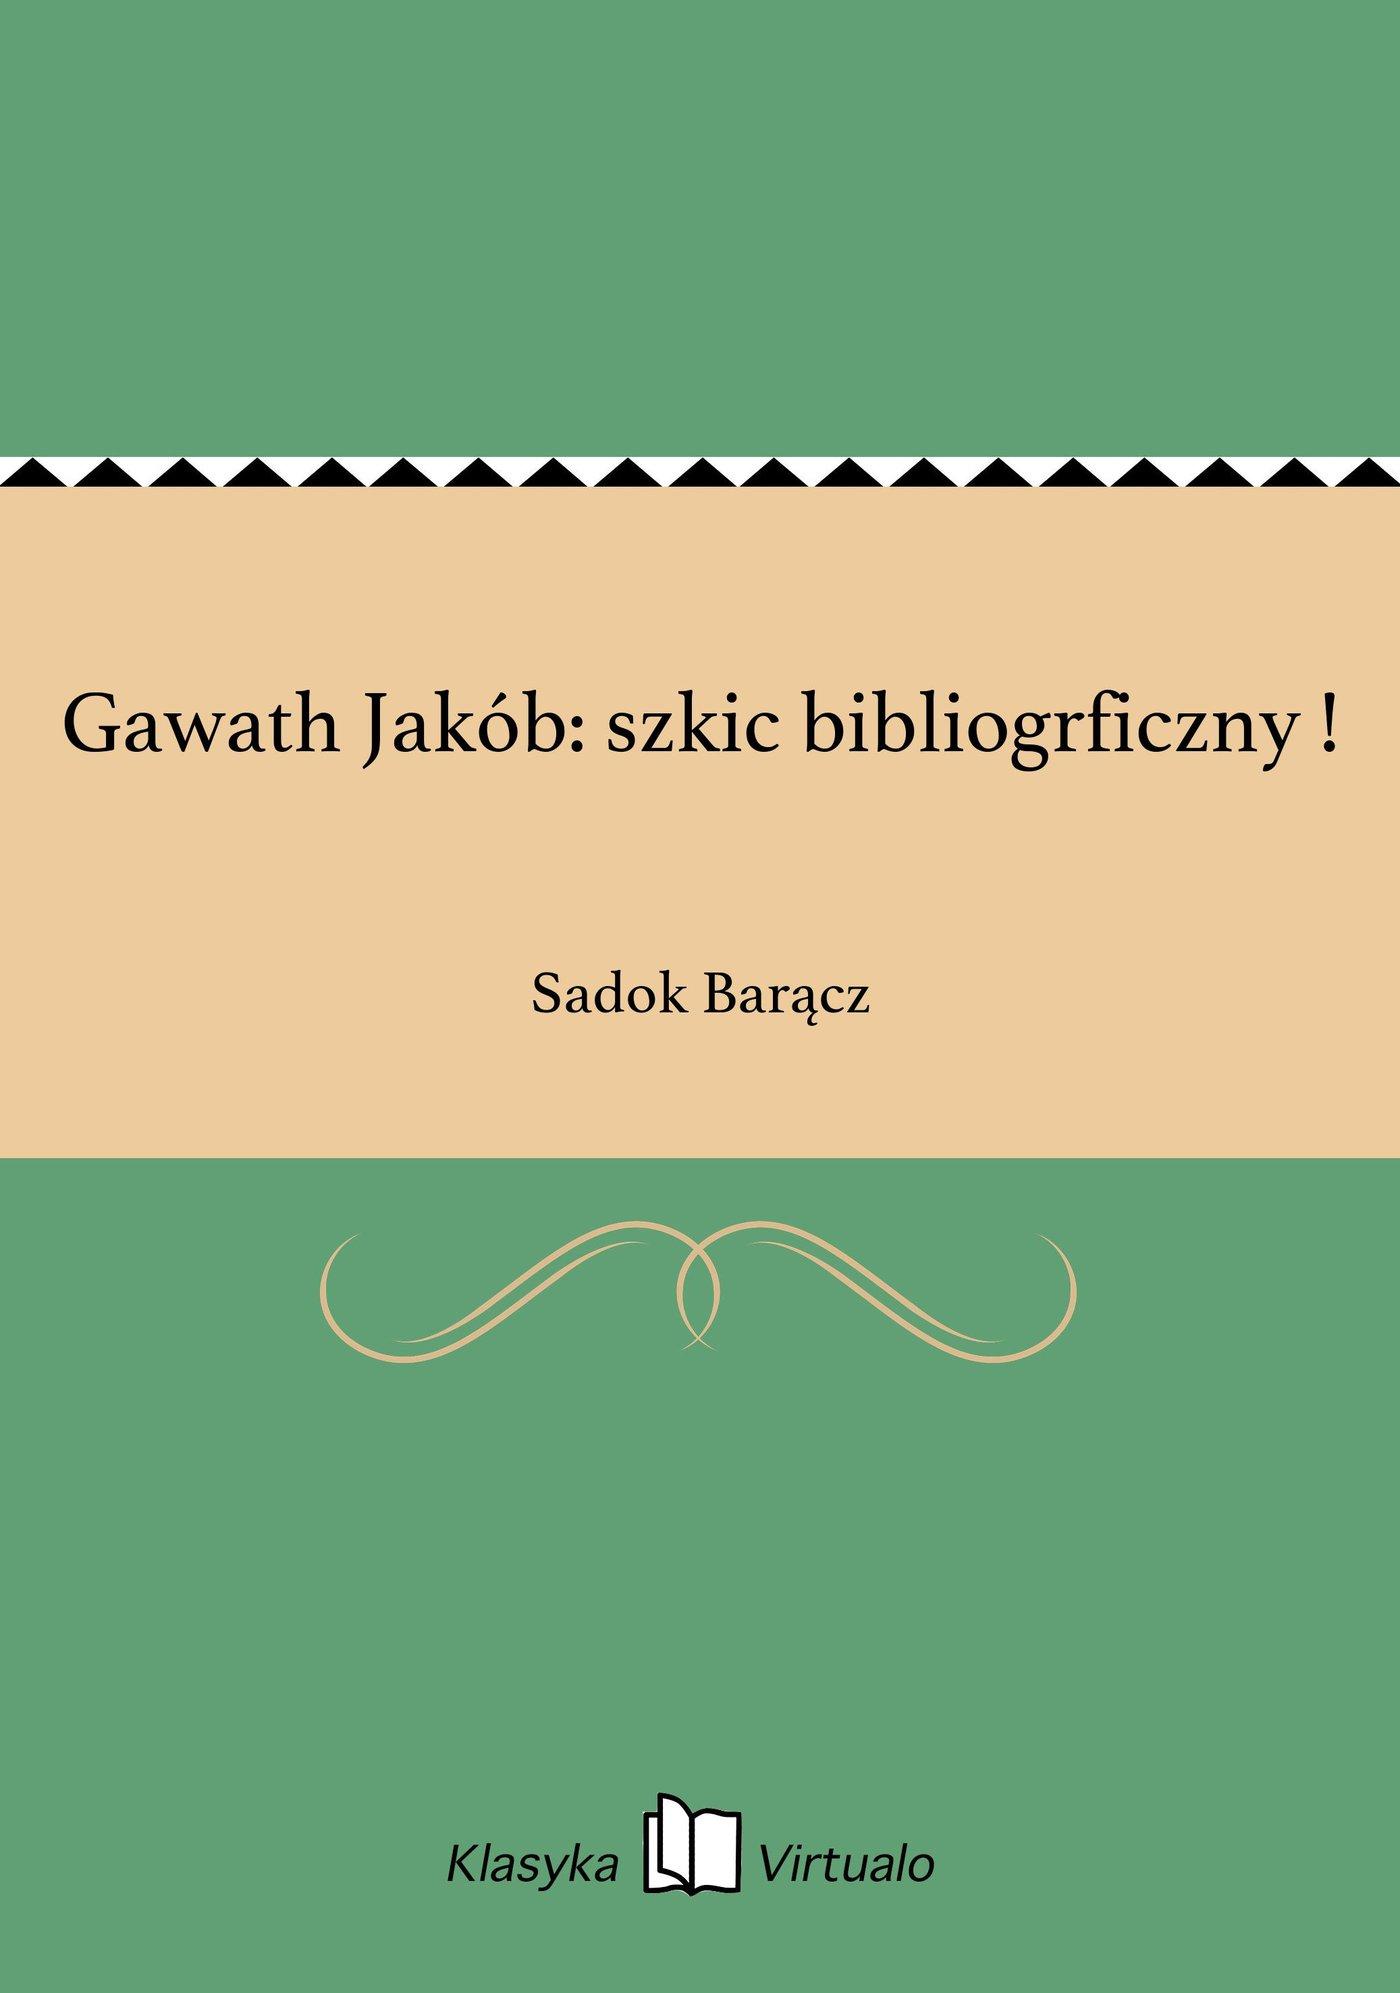 Gawath Jakób: szkic bibliogrficzny ! - Ebook (Książka EPUB) do pobrania w formacie EPUB